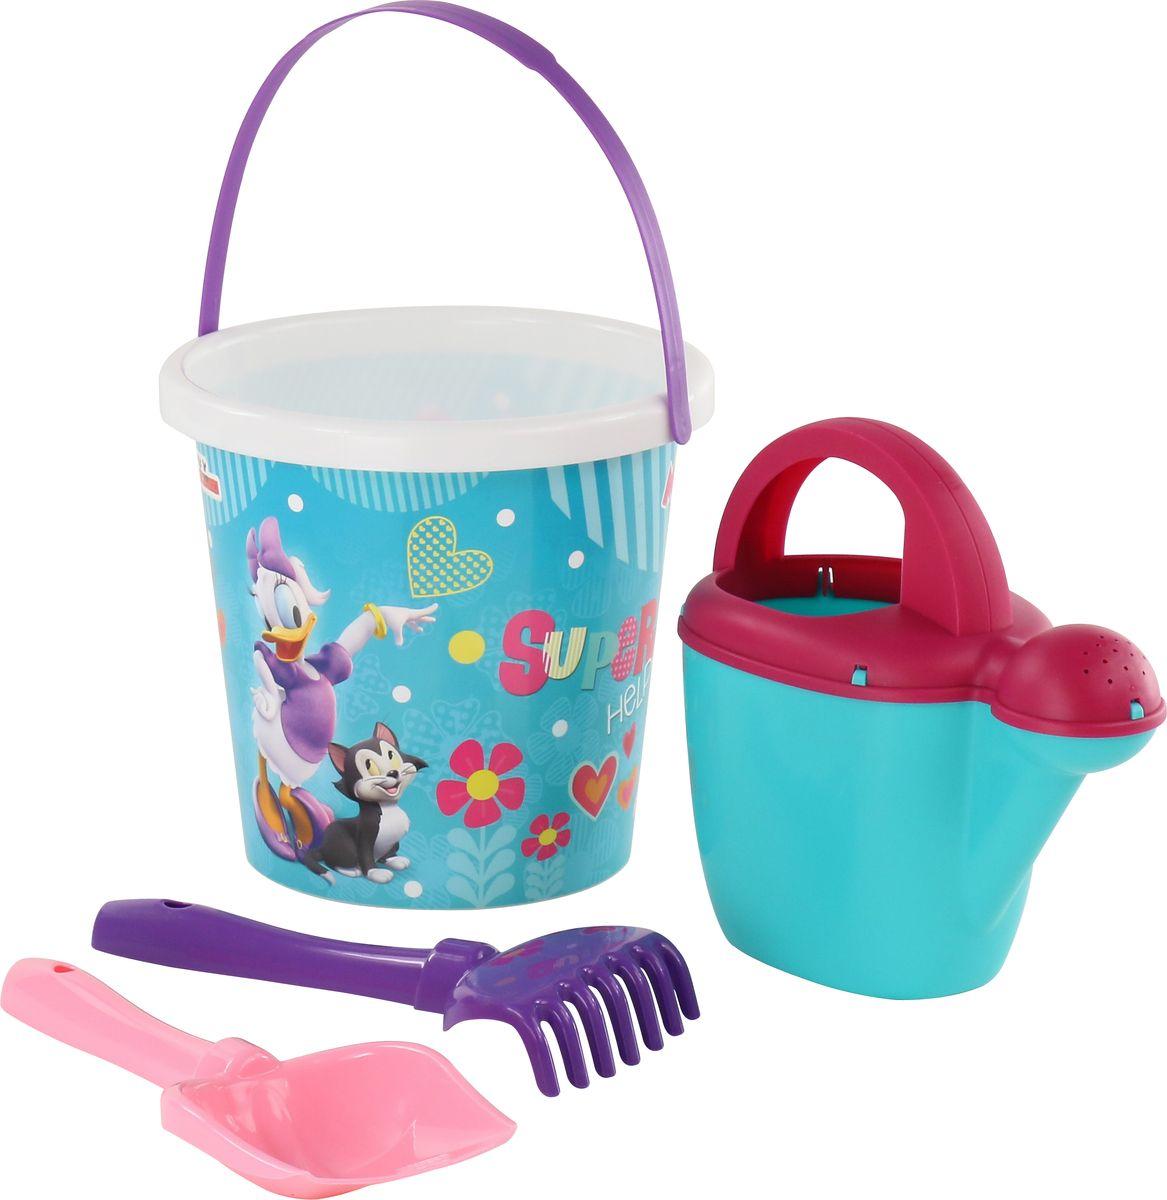 Disney Набор игрушек для песочницы Минни №9 hemar набор для песочницы авто ptys 9 предметов